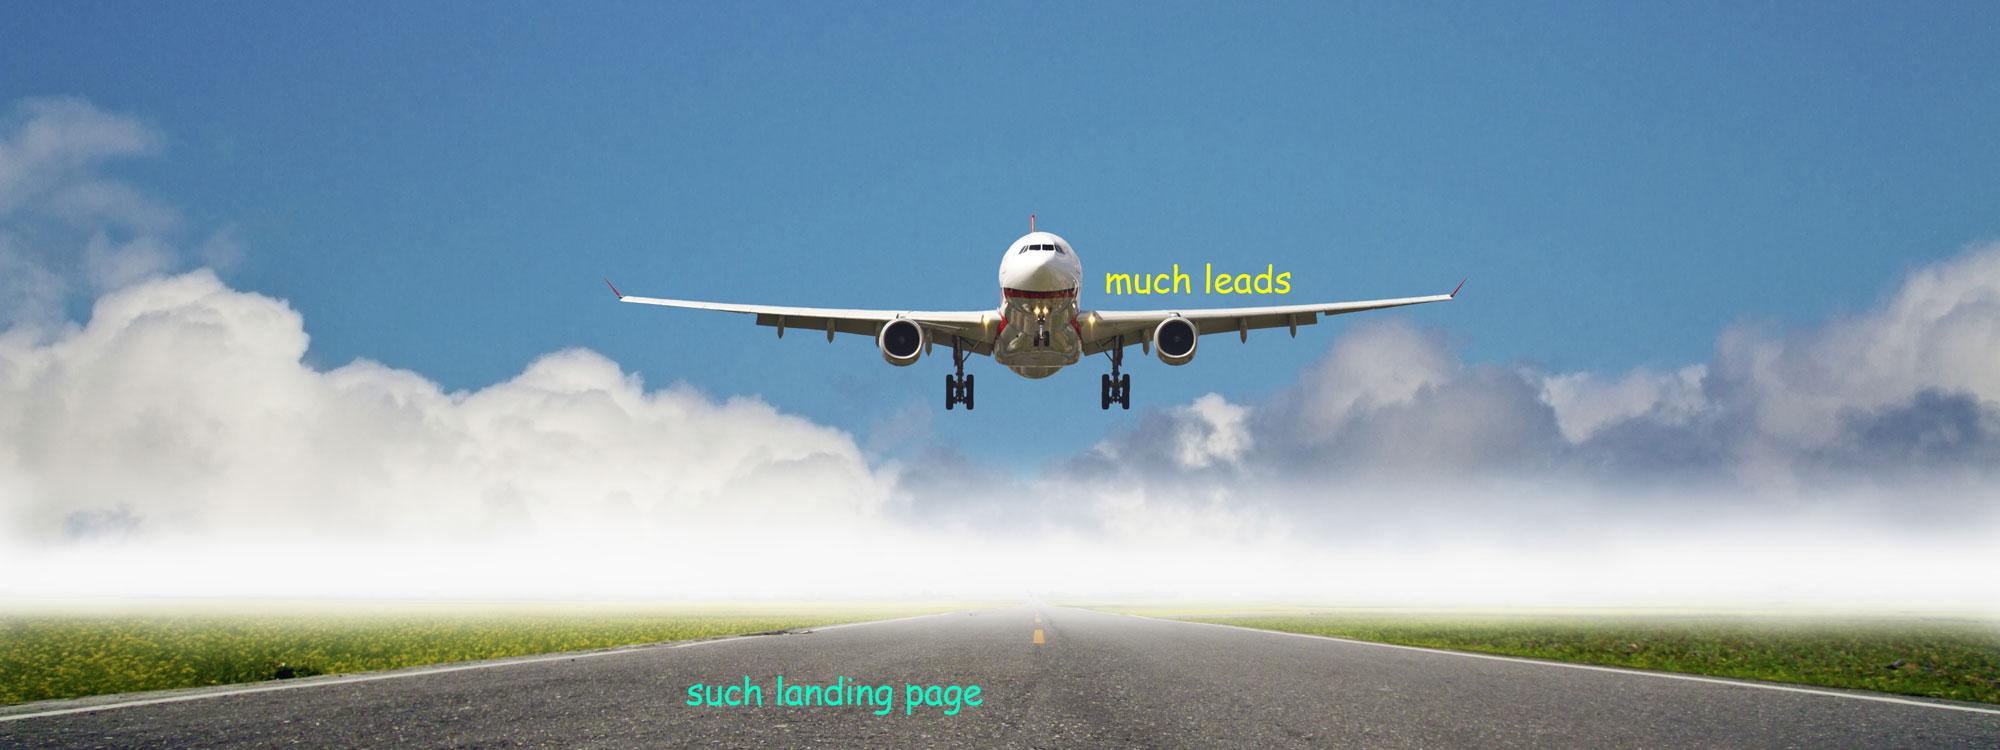 landing-page-hero-image